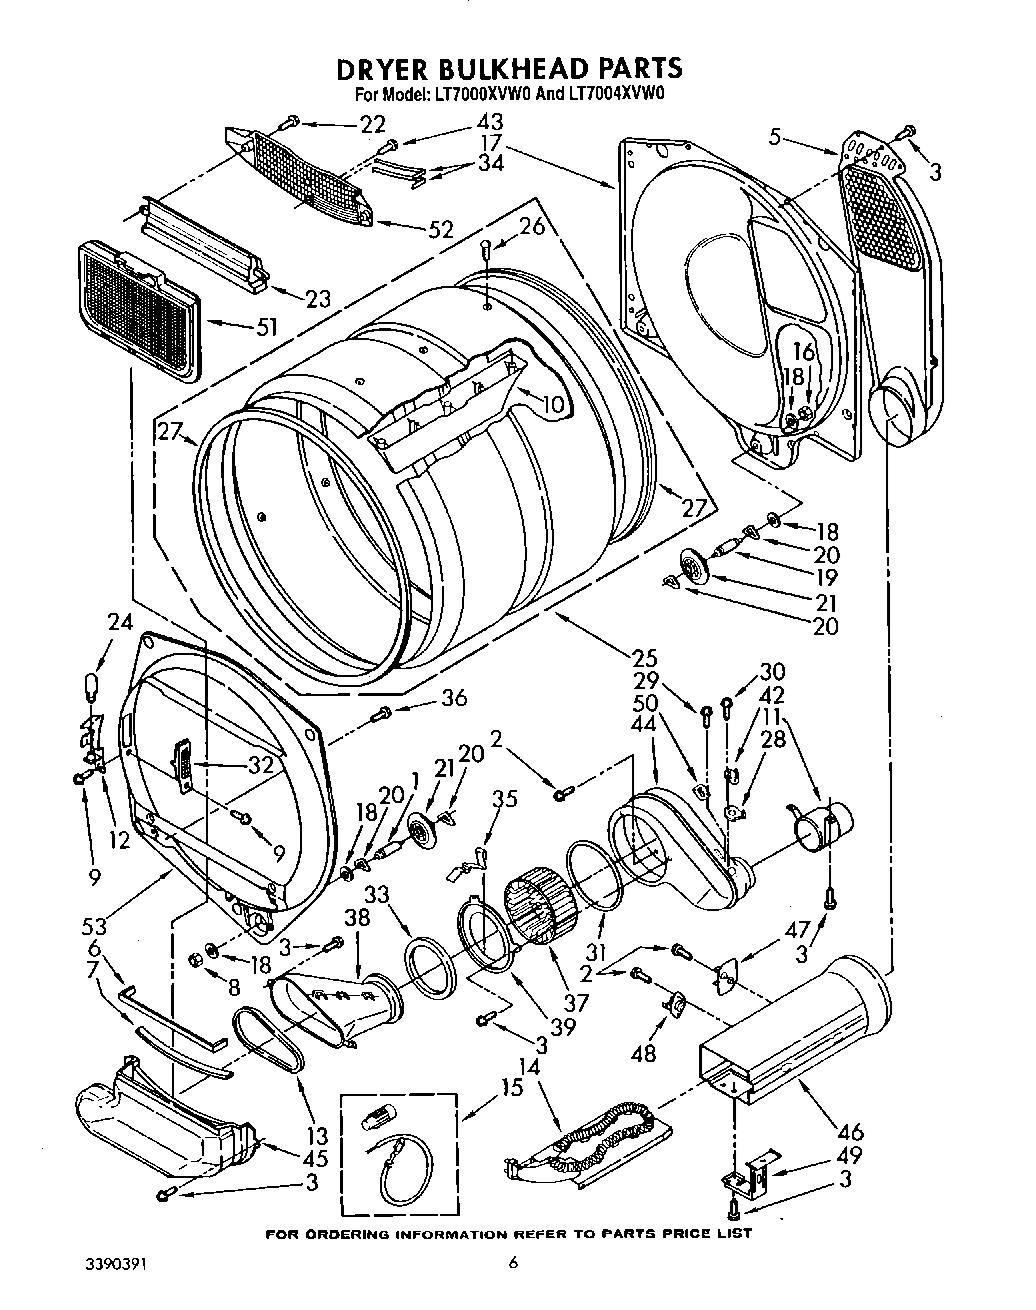 clothes dryer motor wiring diagram best wiring library Wiring RS-422 estate clothes dryer wiring diagram estate get free whirlpool dryer wiring schematic w10410892 dryer motor wiring